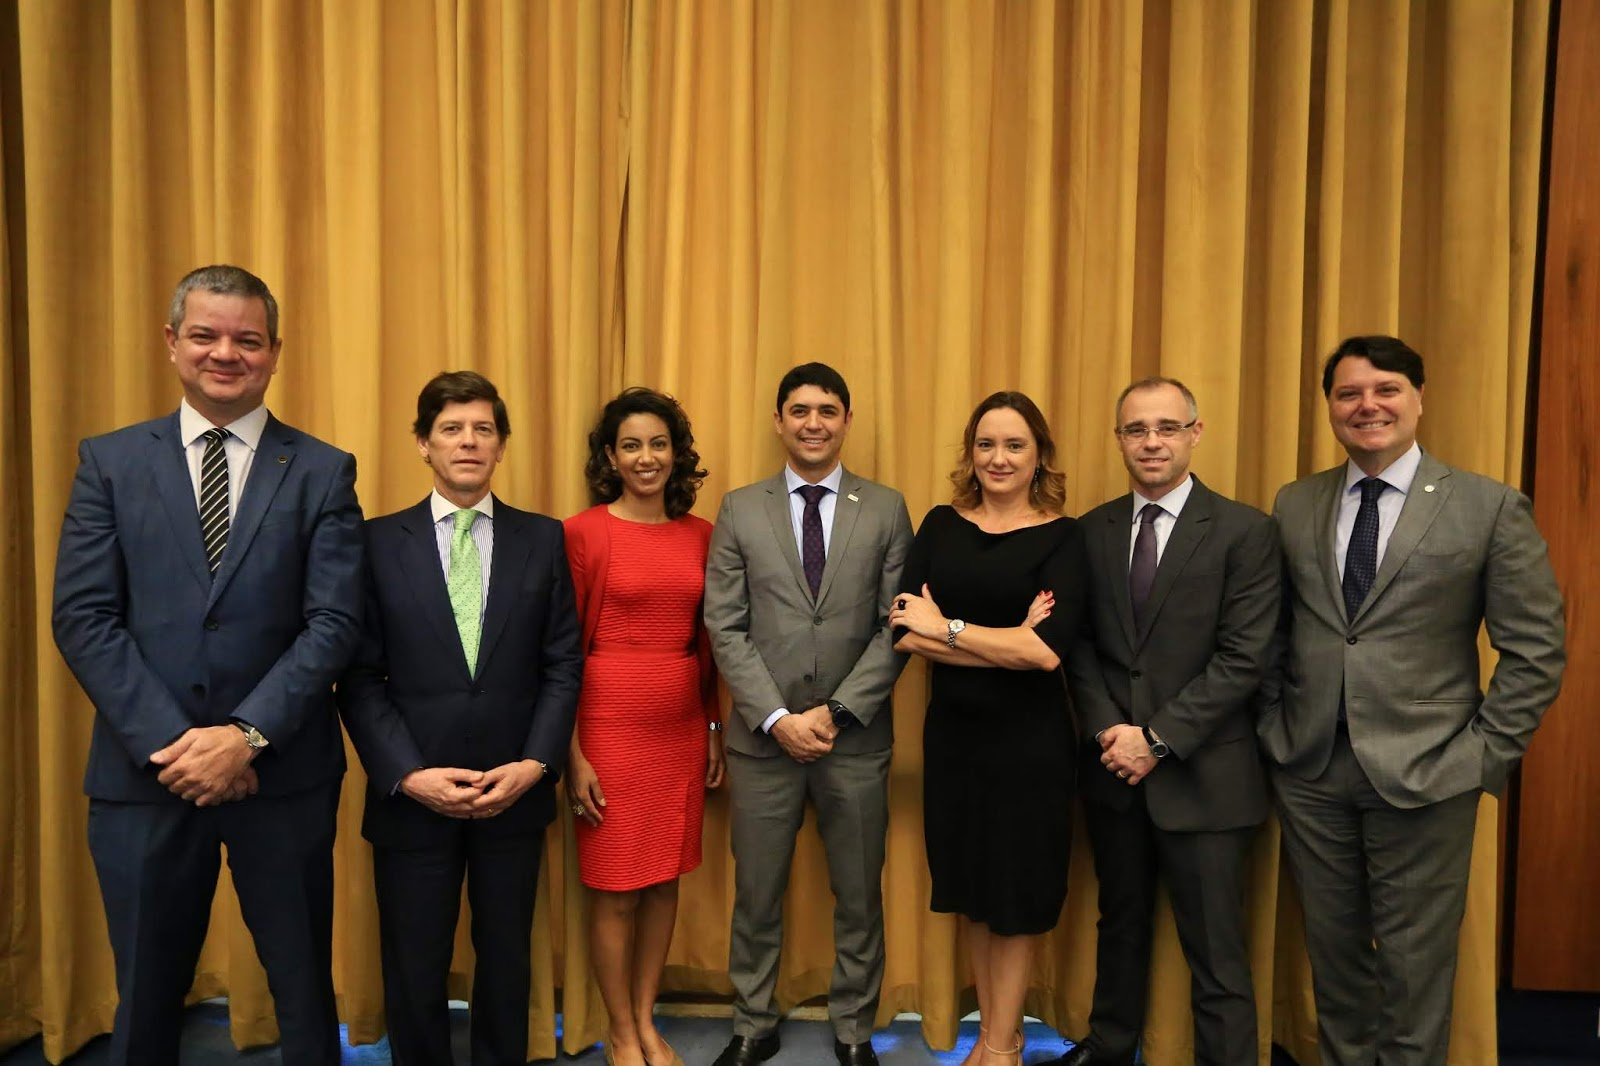 JÚRI DE NOTÁVEIS IRÁ DECIDIR VENCEDORES DO  16º PRÊMIO ENGENHO DE COMUNICAÇÃO, EDIÇÃO 2019  Cerimônia de entrega está prevista para setembro, na Embaixada de Portugal